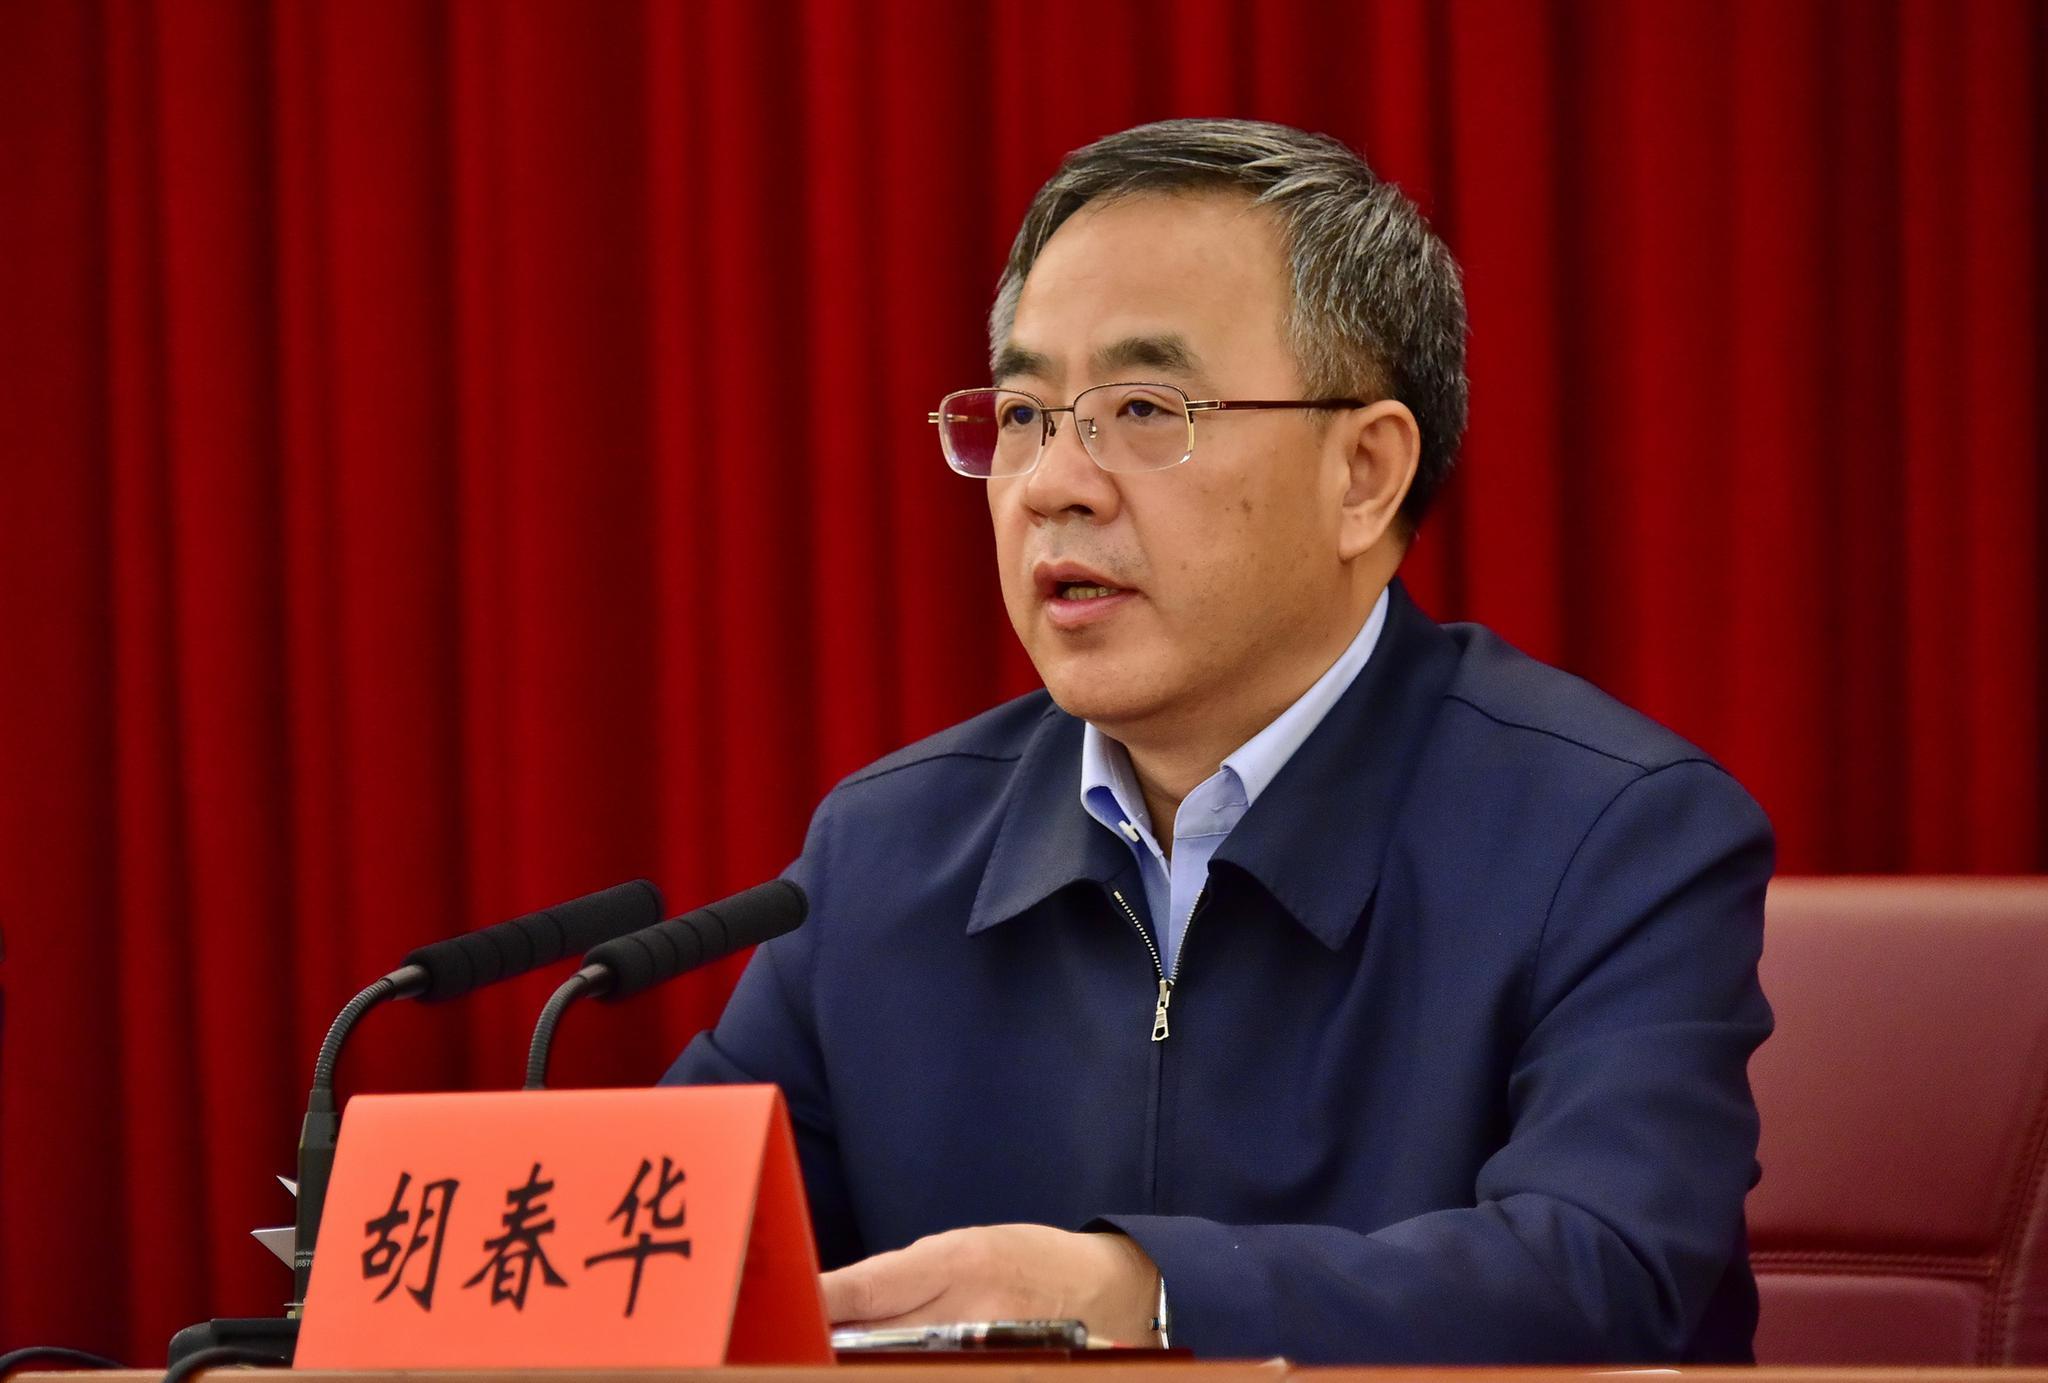 广东省委书记胡春华在反馈会上作表态发言.摄影/章轲